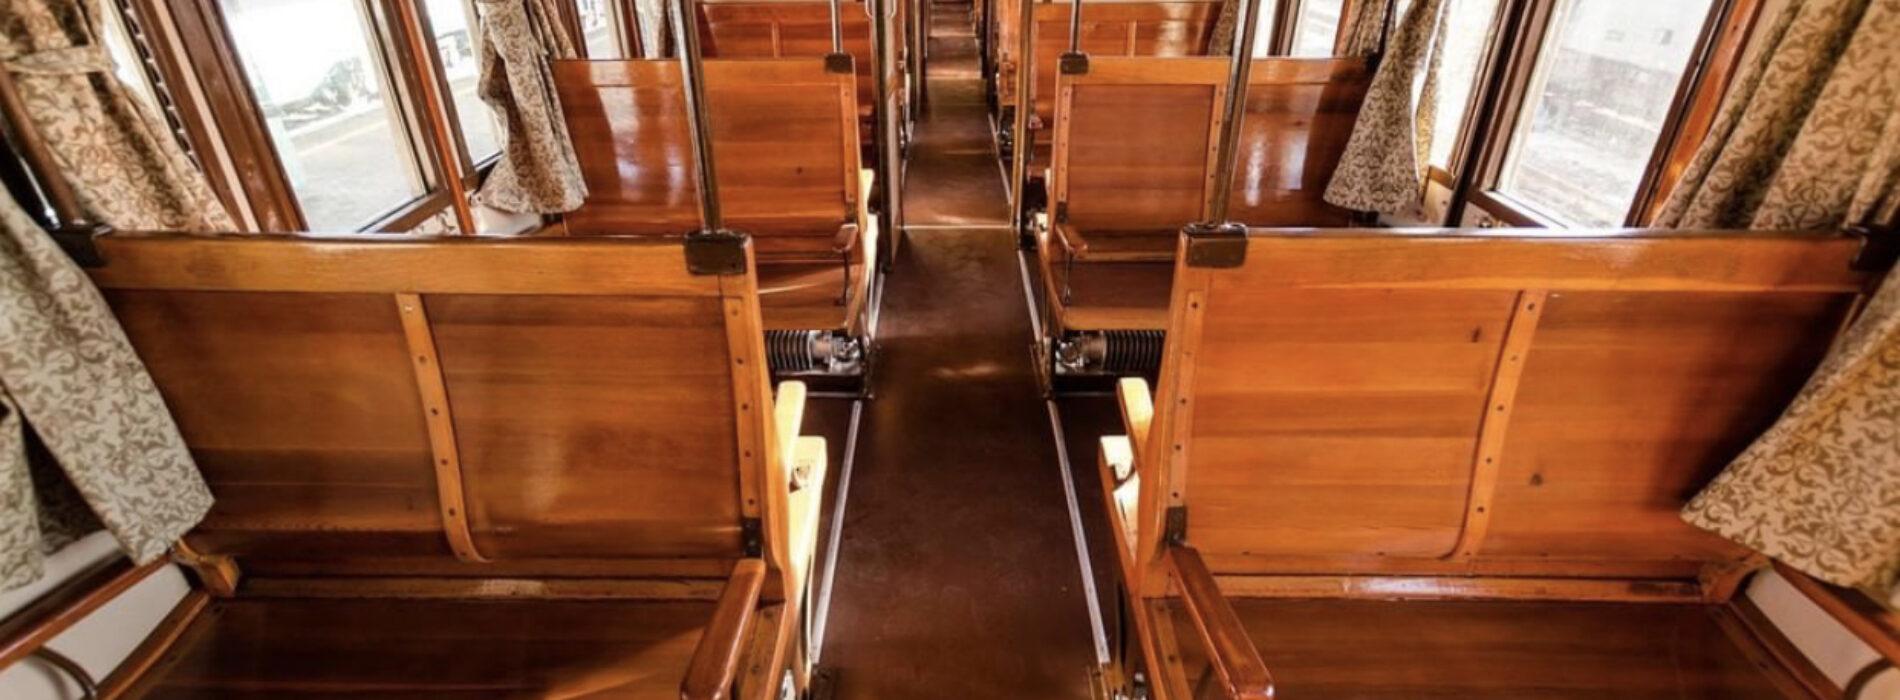 Reggia Express. Il treno storico riparte dal 18 ottobre